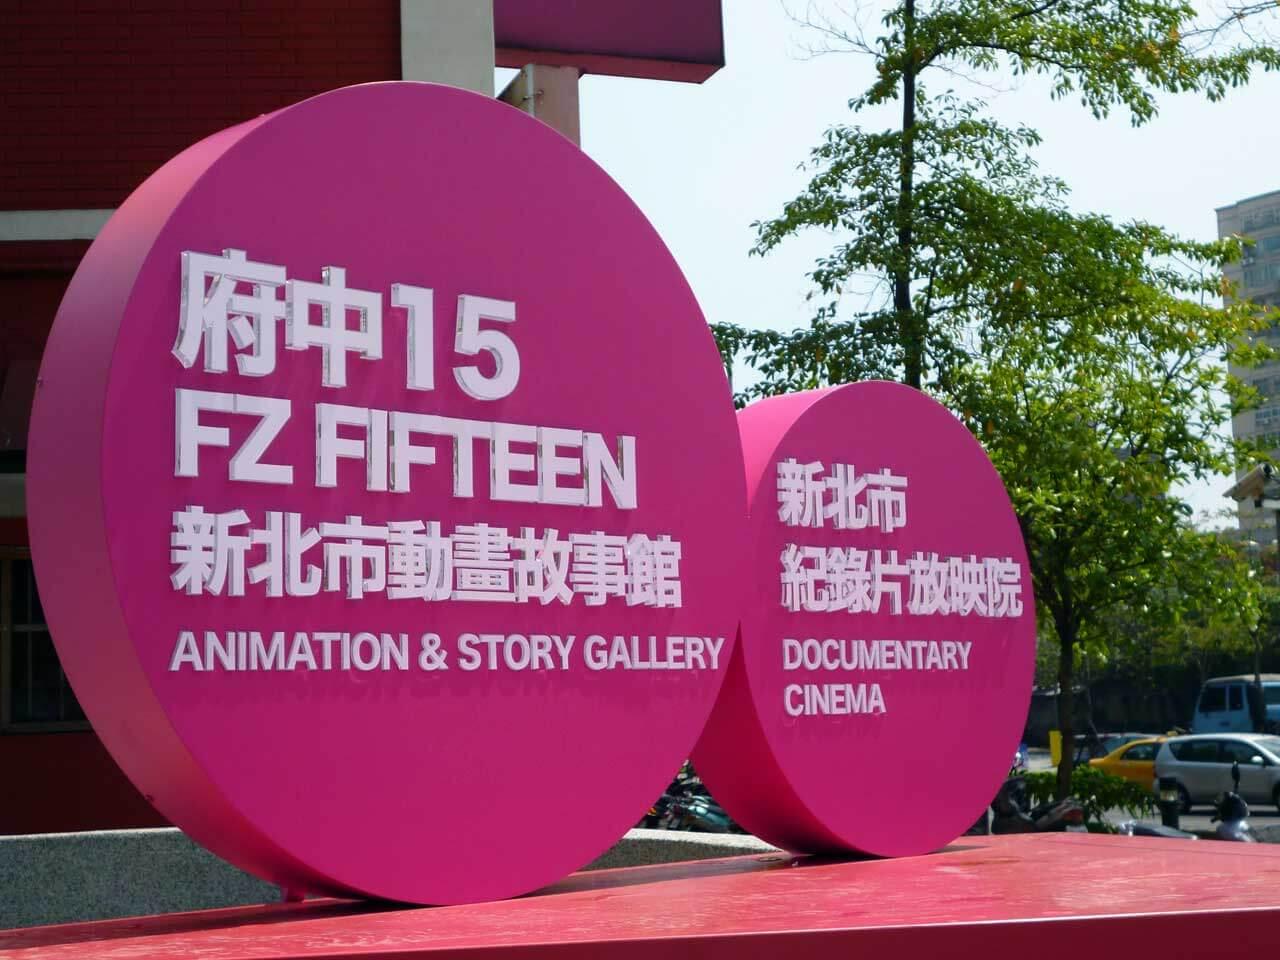 FZFIFTEEN1